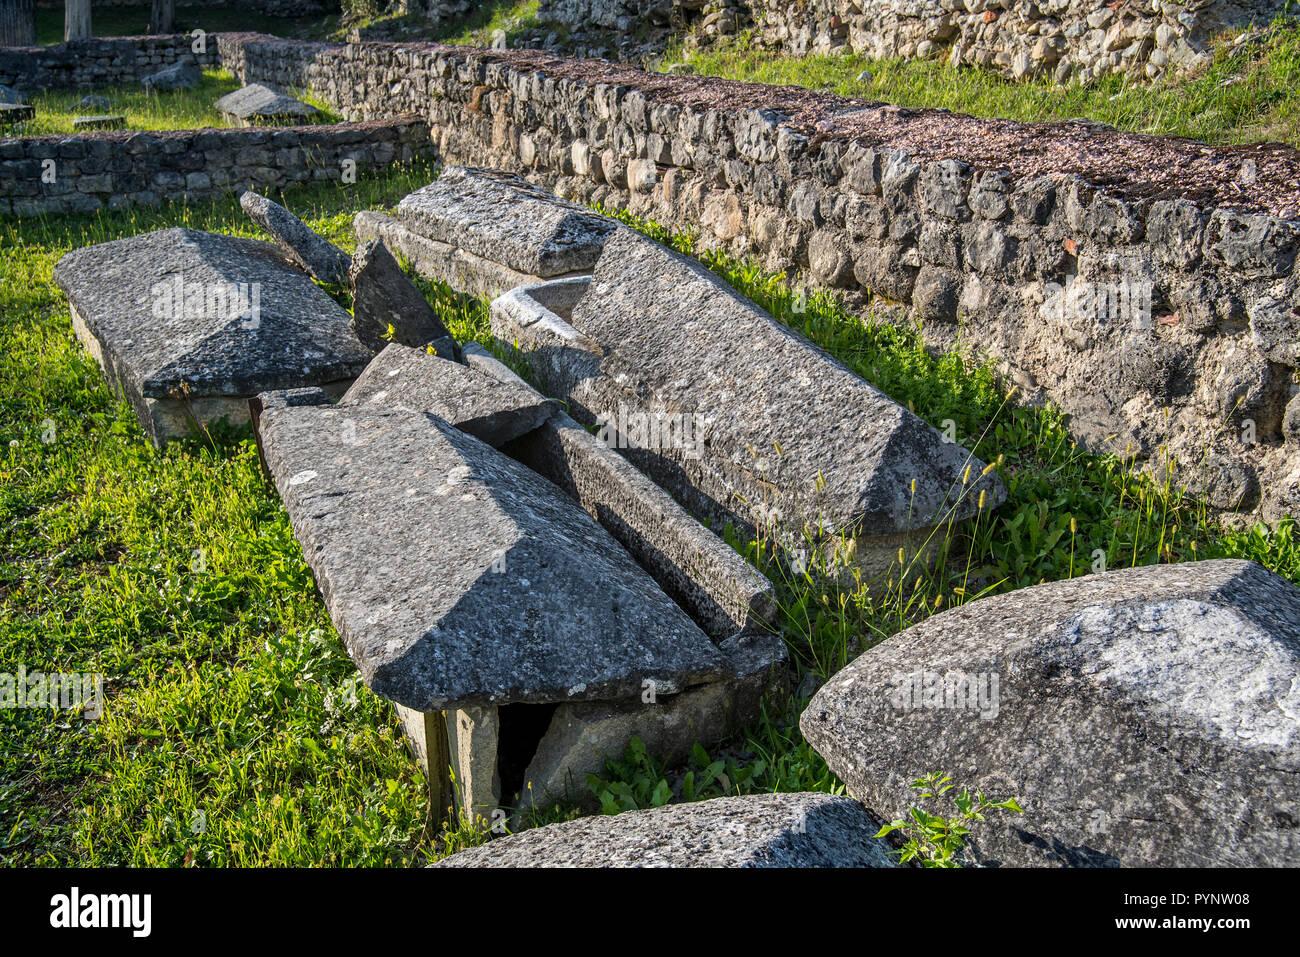 Sarcofagi tra i resti del V secolo il cristianesimo primitivo / Chiesa primitiva basilica a Saint-Bertrand-de-Comminges, Haute-Garonne, Pirenei, Francia Immagini Stock